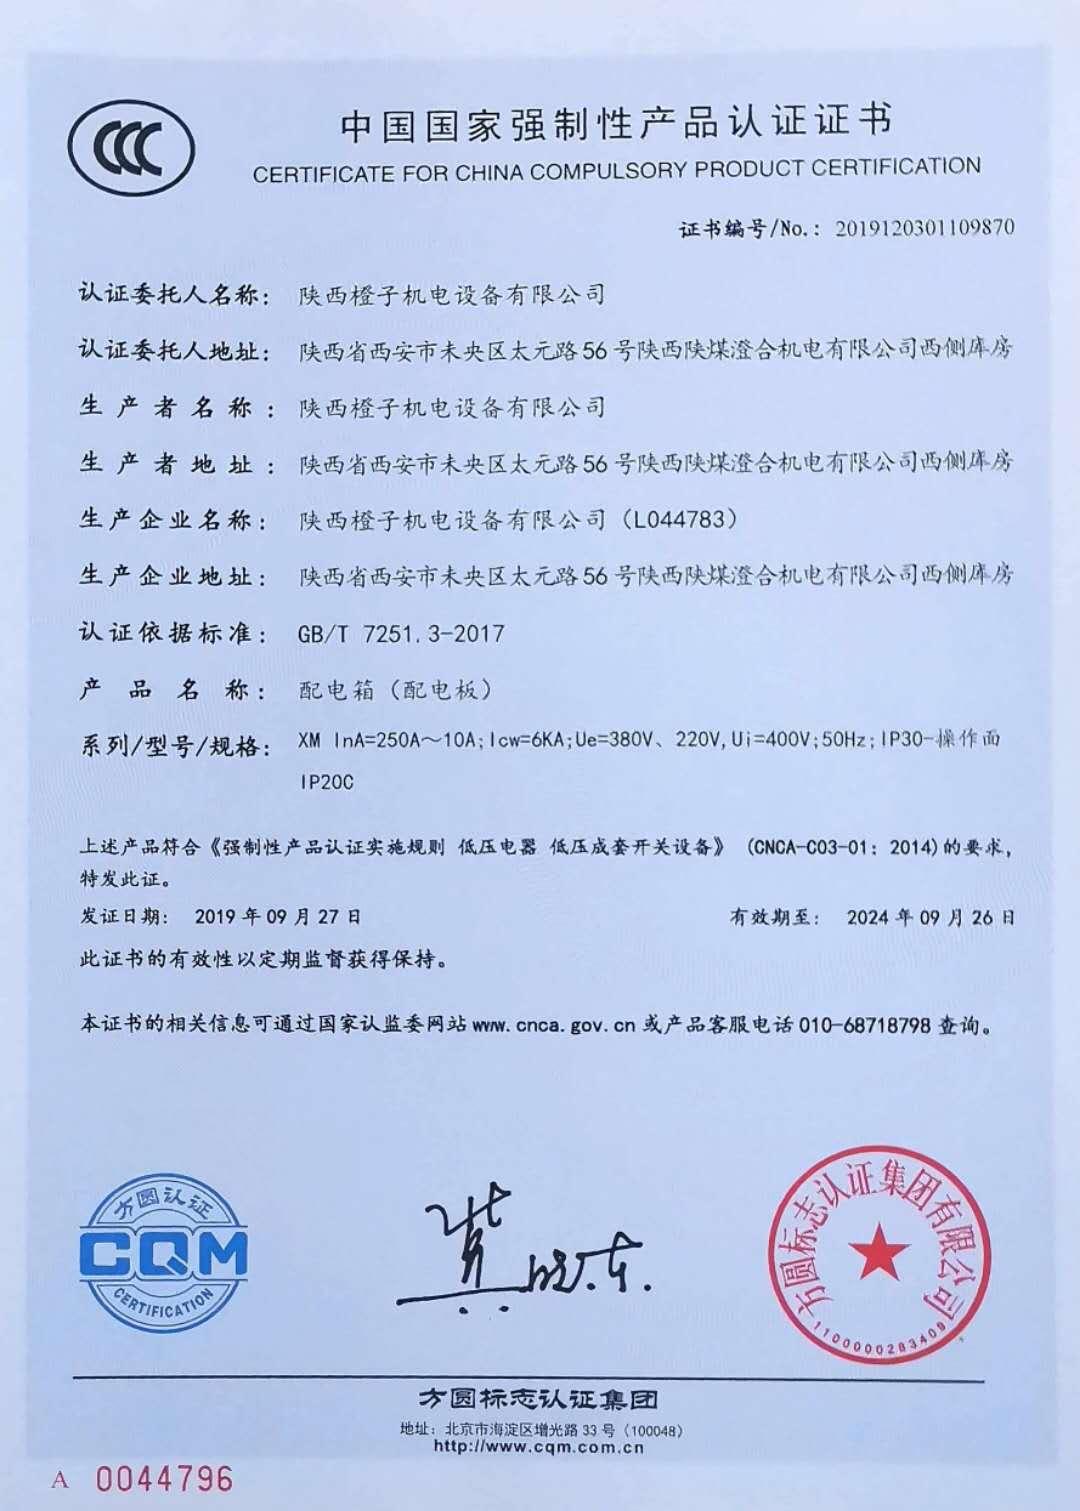 配电箱中国国家强制性产品认证证书